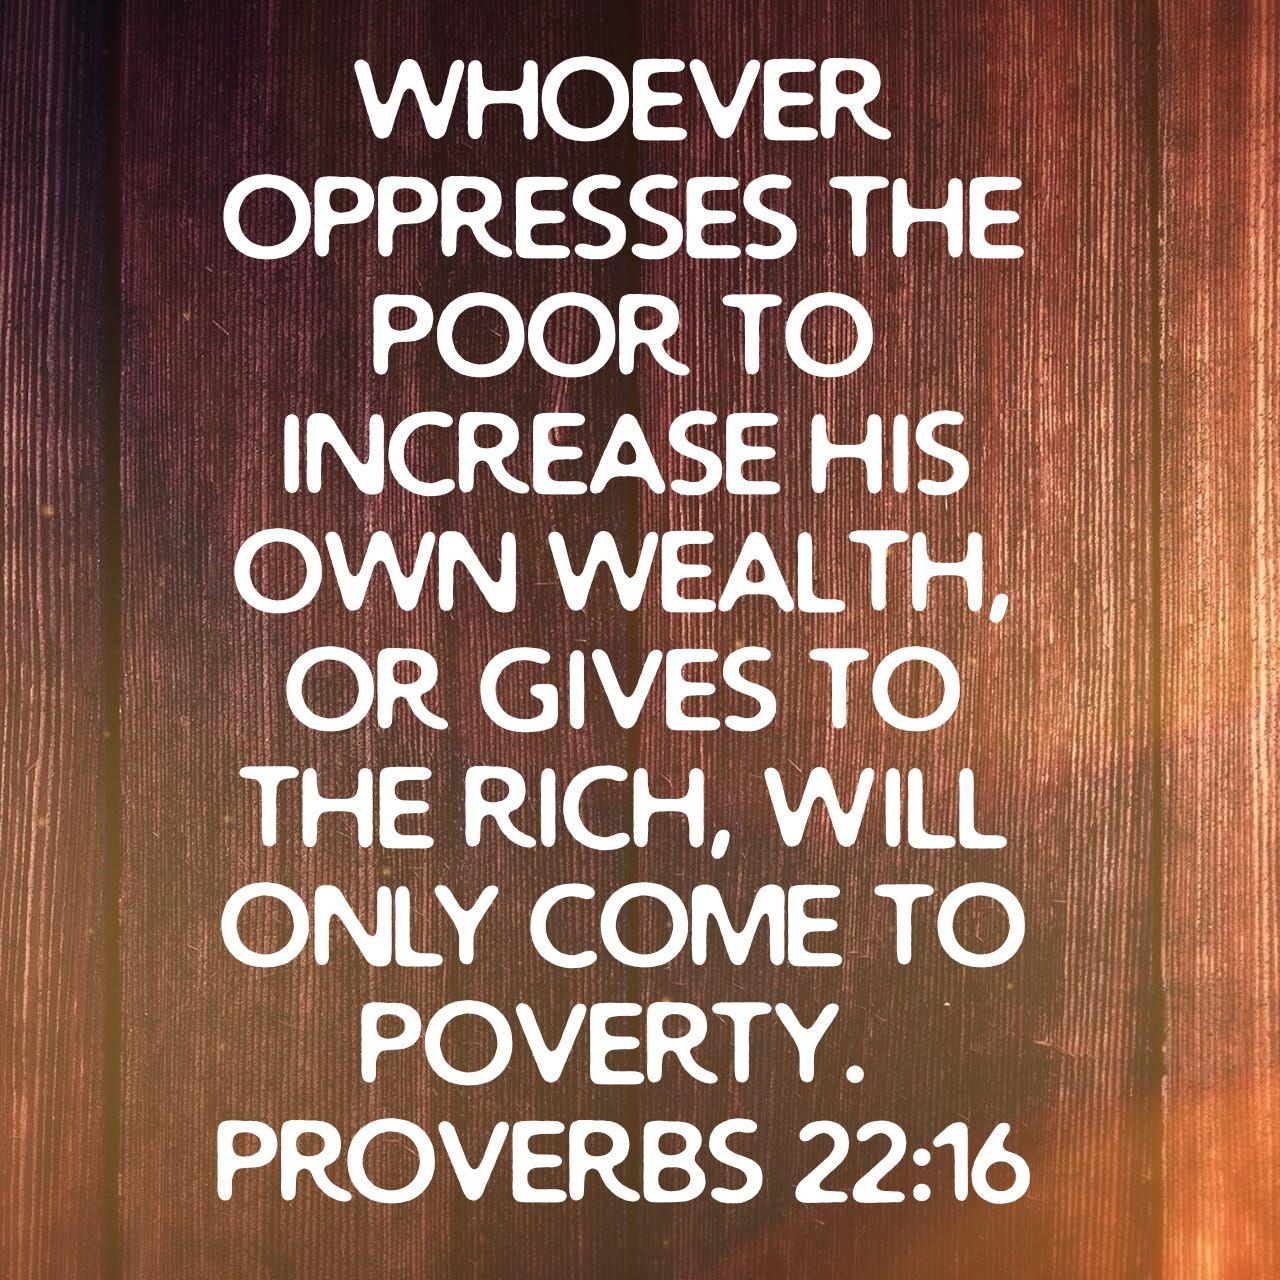 Proverbs 22:16 ESV